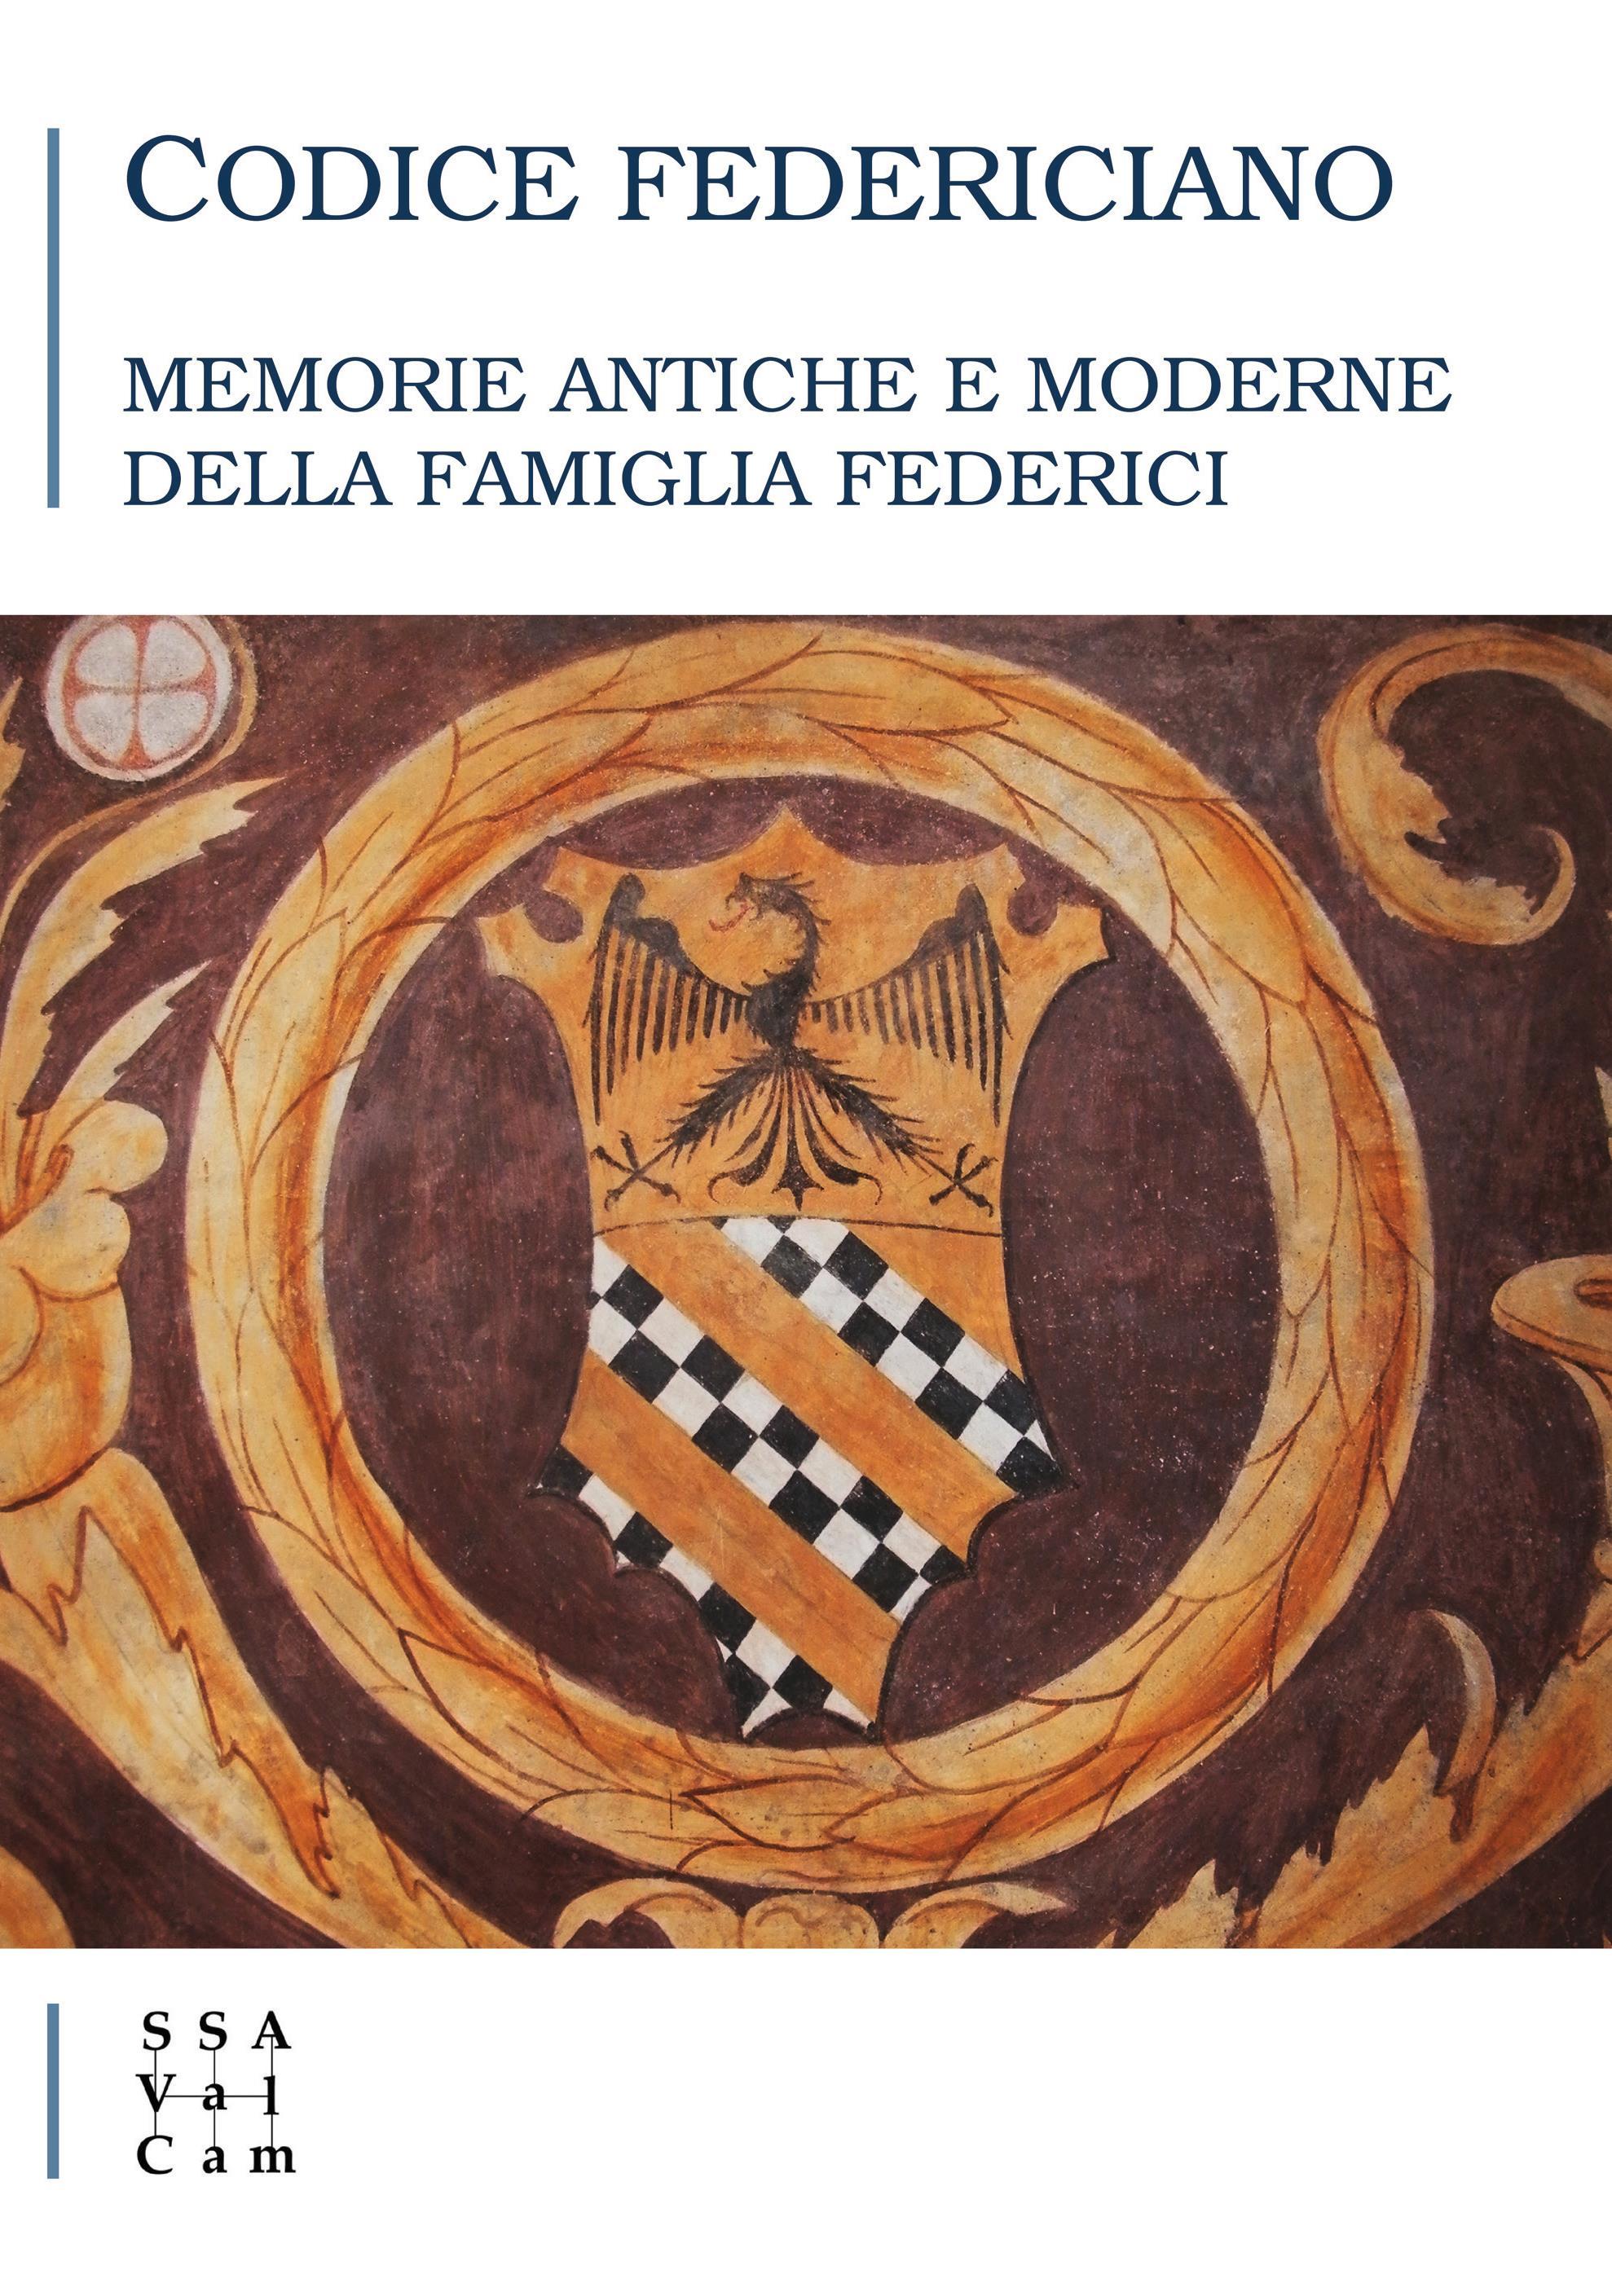 Codice Federiciano. Memorie antiche e moderne della famiglia Federici